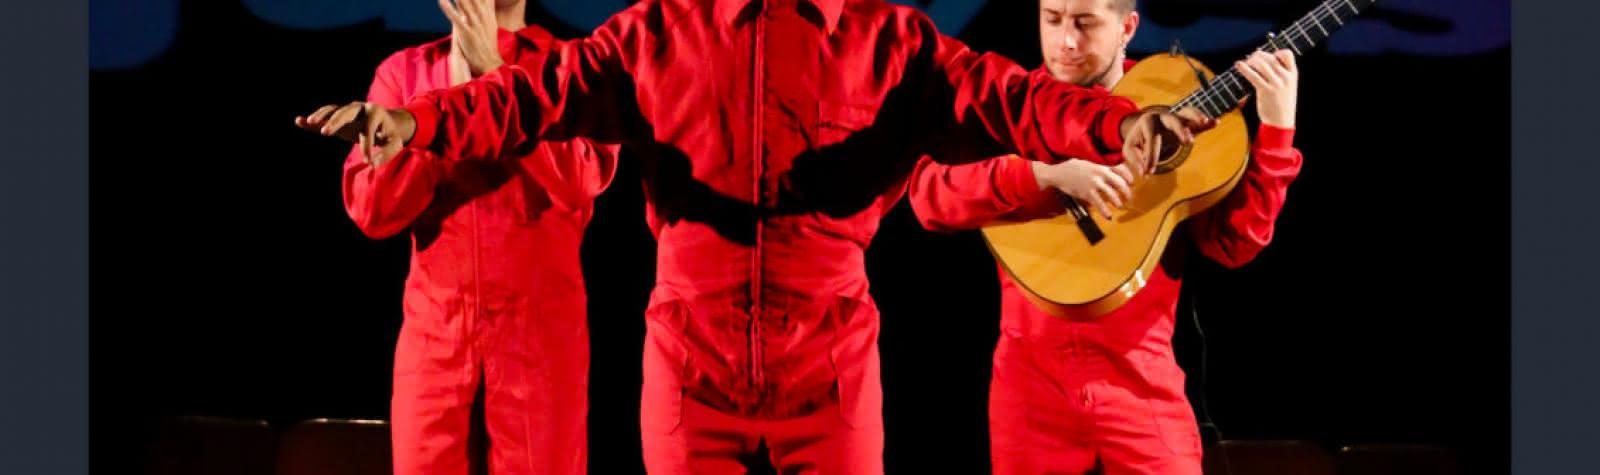 © Pensaor, un philosophe dans un cabaret flamenco